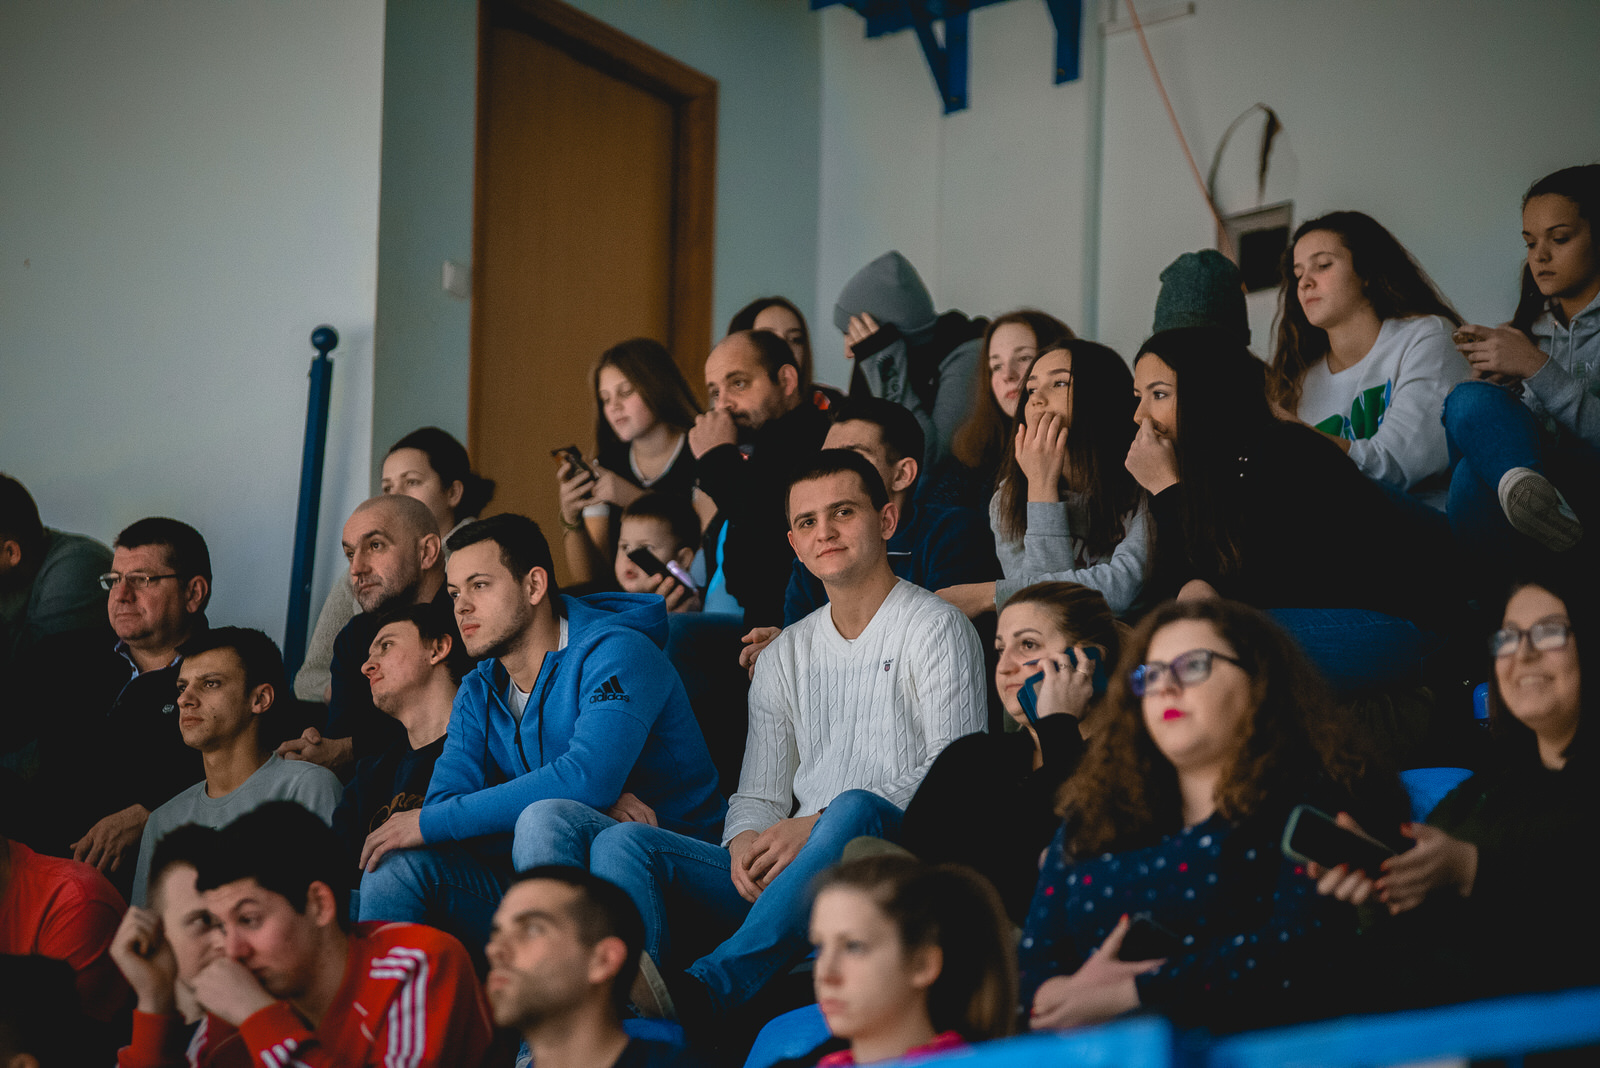 likaclub_gospić_zimski-malonogometni-turnir-2018-19-34